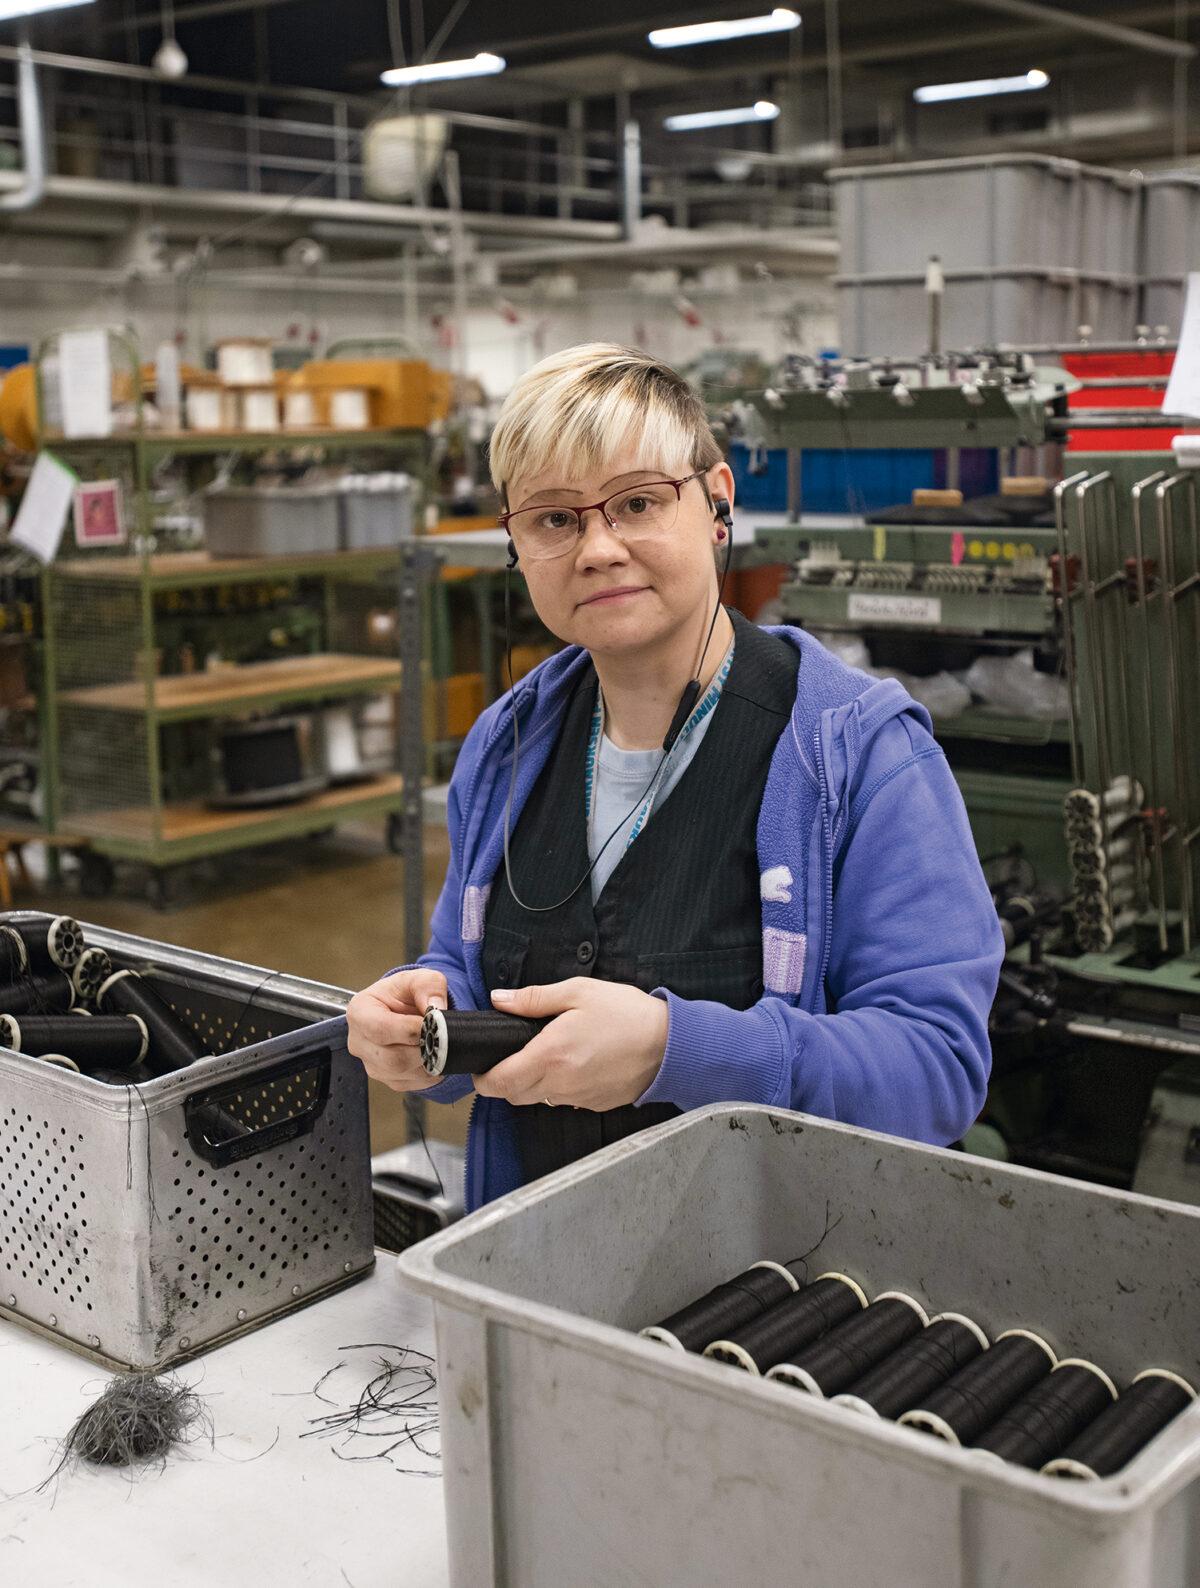 Pääluottamusmies Heli Virolainen on nauhanvalmistaja toisessa polvessa. Hänen äitinsä Anja Luoma työskentelee myös Inkan punomossa.